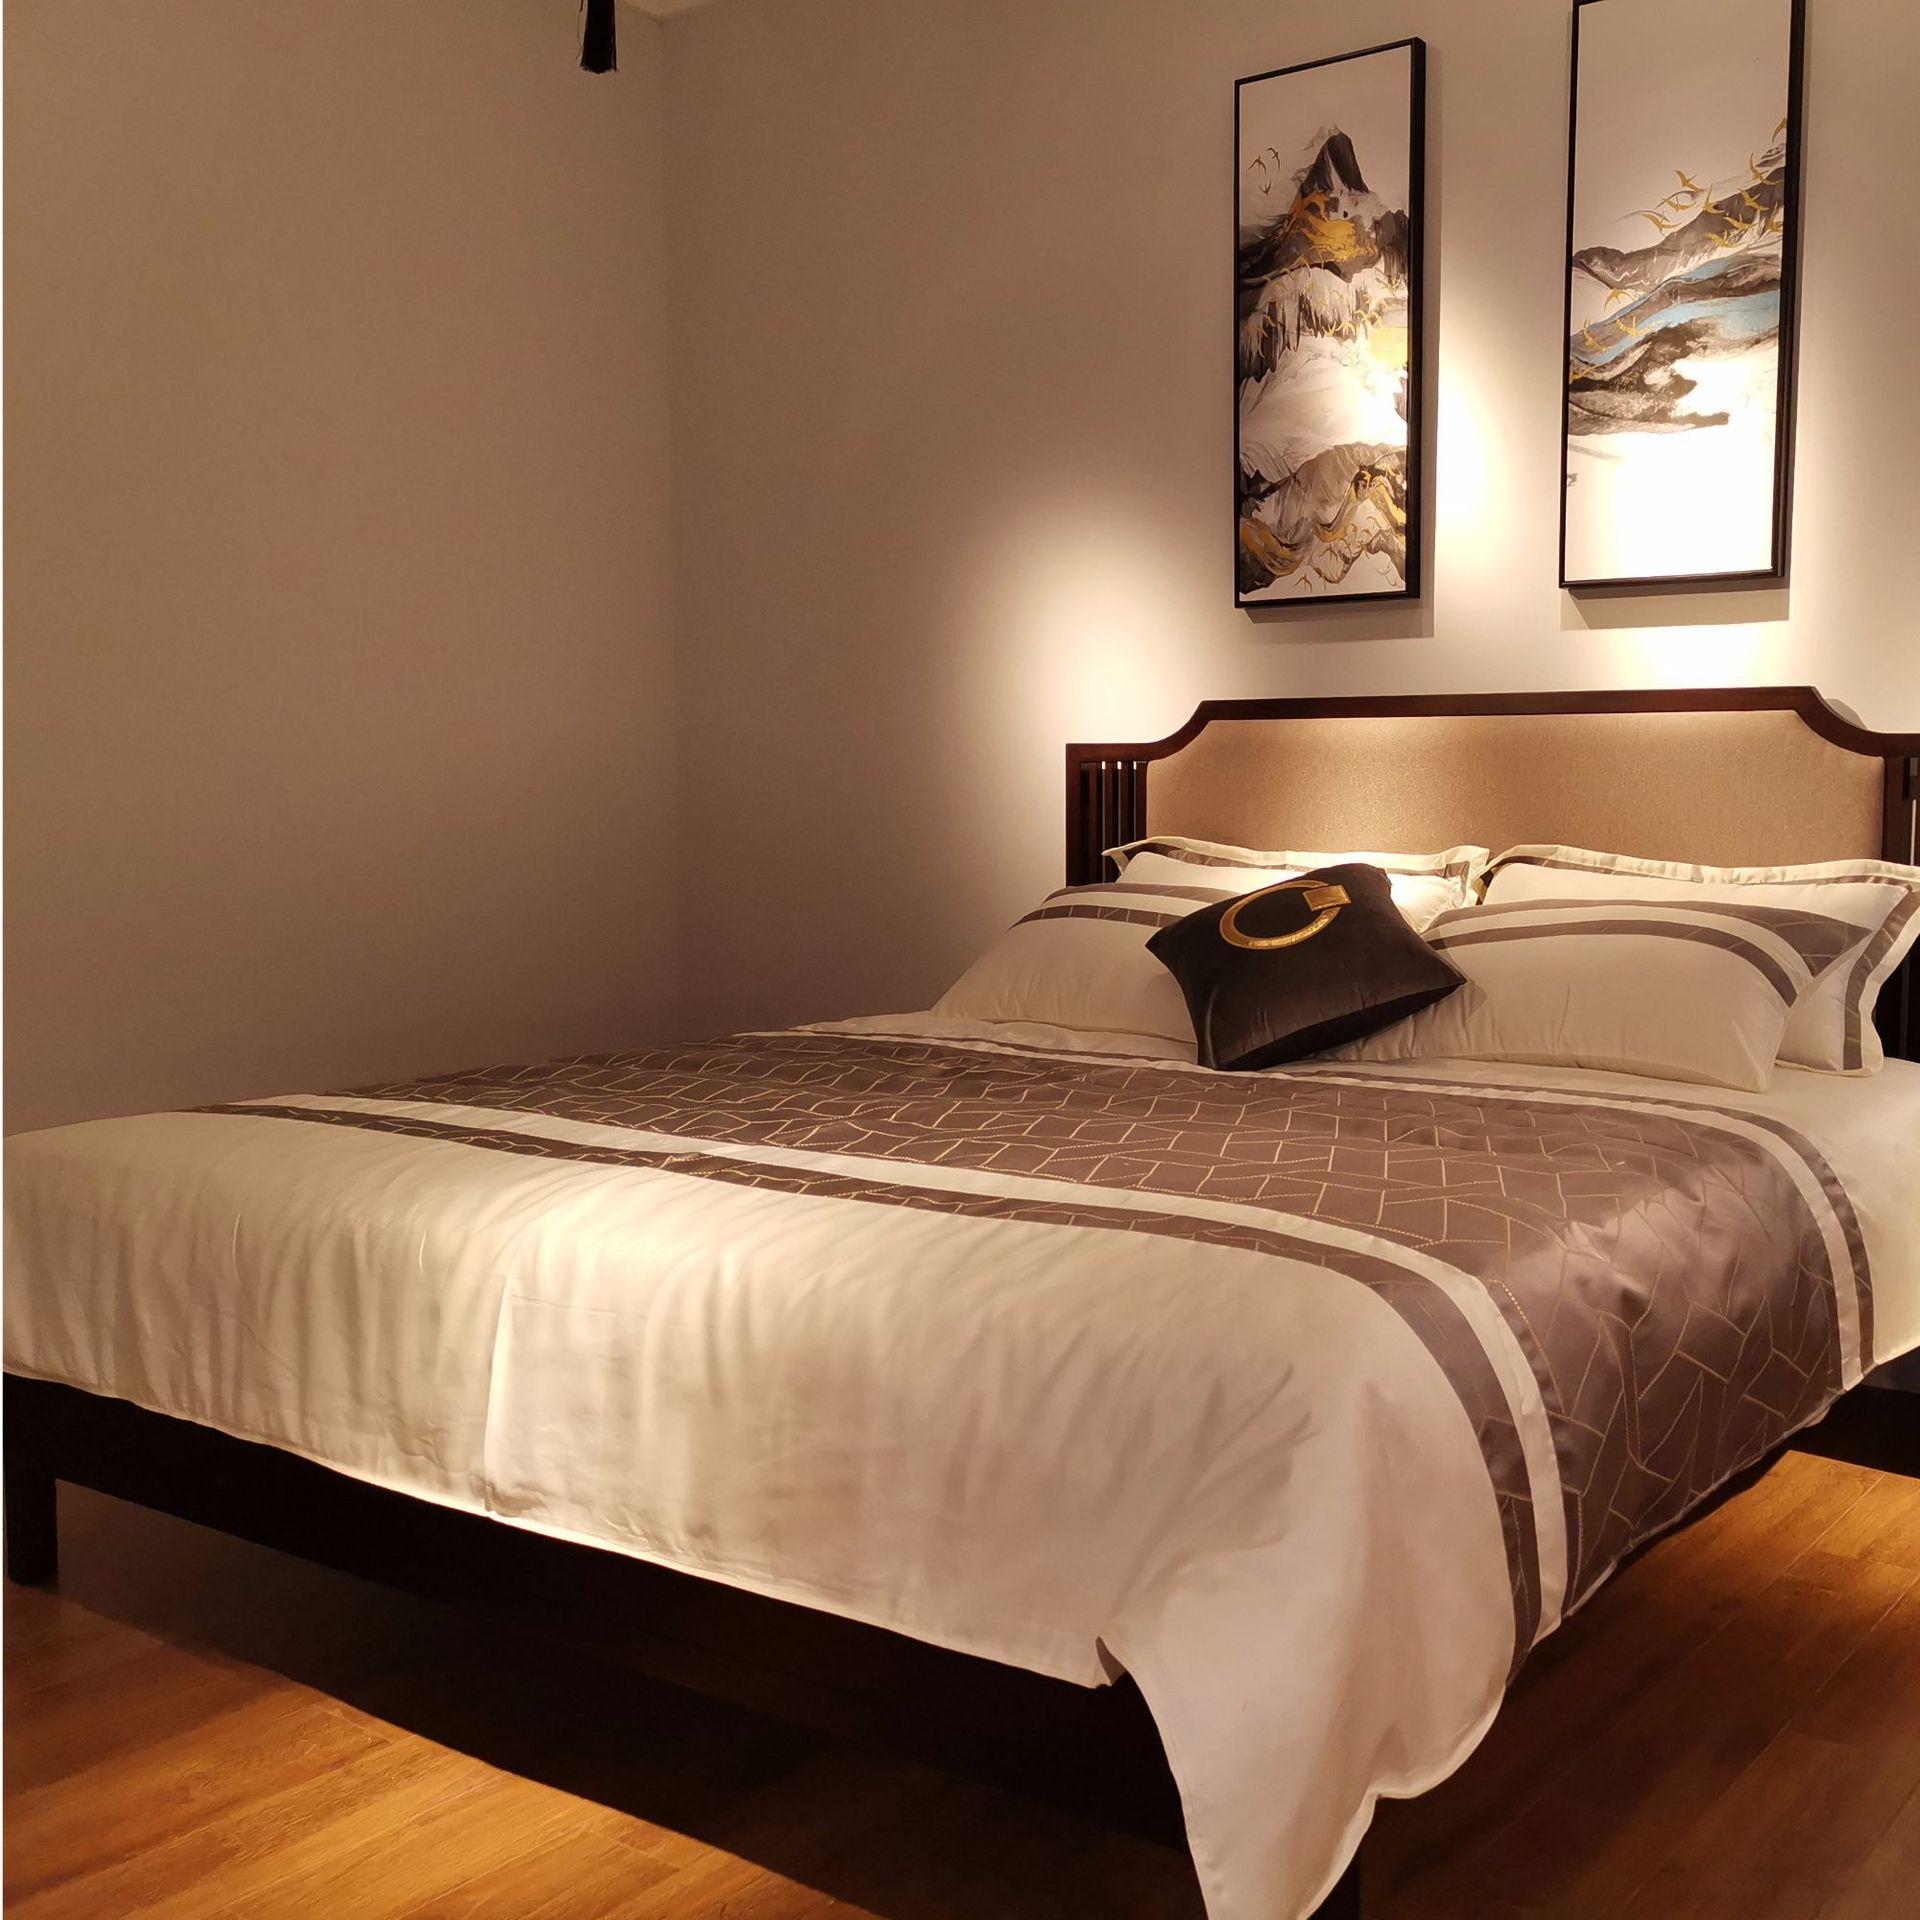 现代新中式实木床 简约卧室双人床 大婚床乌金木家具 可定制示例图6